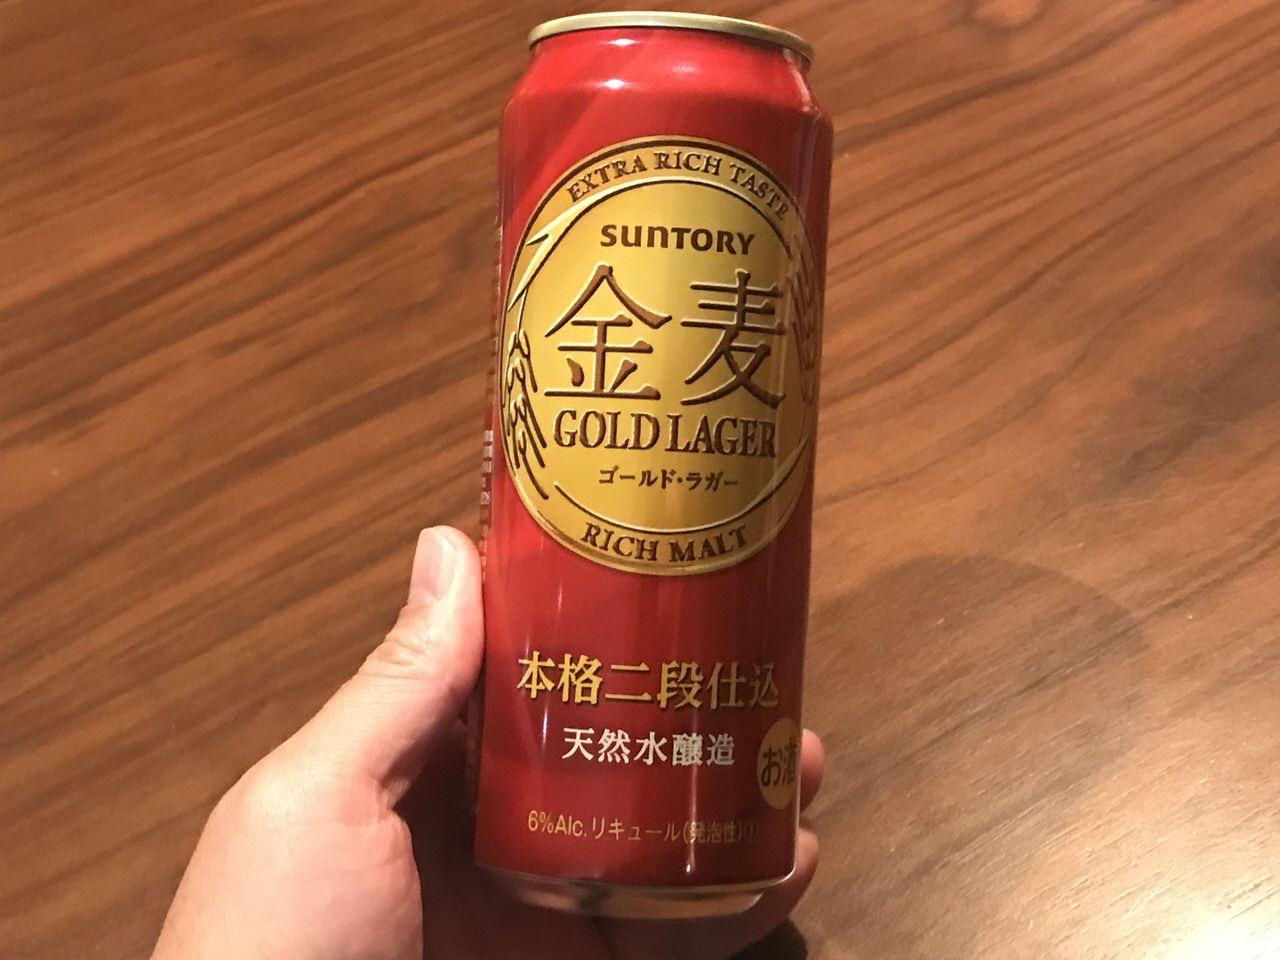 サントリー「金麦ゴールドラガー」は美味い?まずい?呑んでみた【感想】